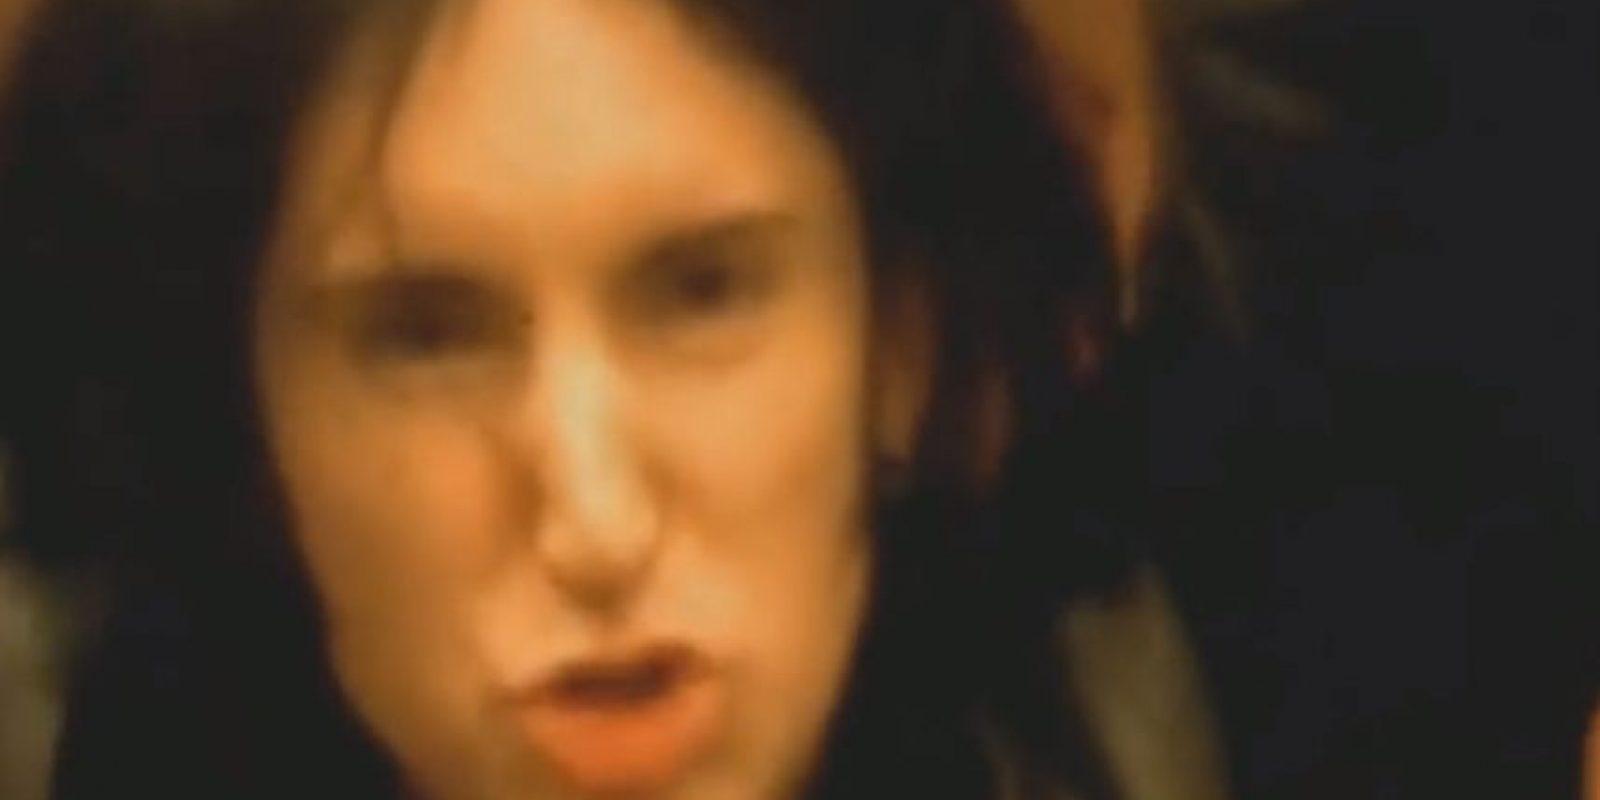 """Trent Reznor era la sexy oscuridad y nueva cara del rock industrial en los 90. Aquí se le ve en el video de """"Closer"""". Es del álbum de 1994, """"The Downward Spiral"""" Foto:Nothing Records"""